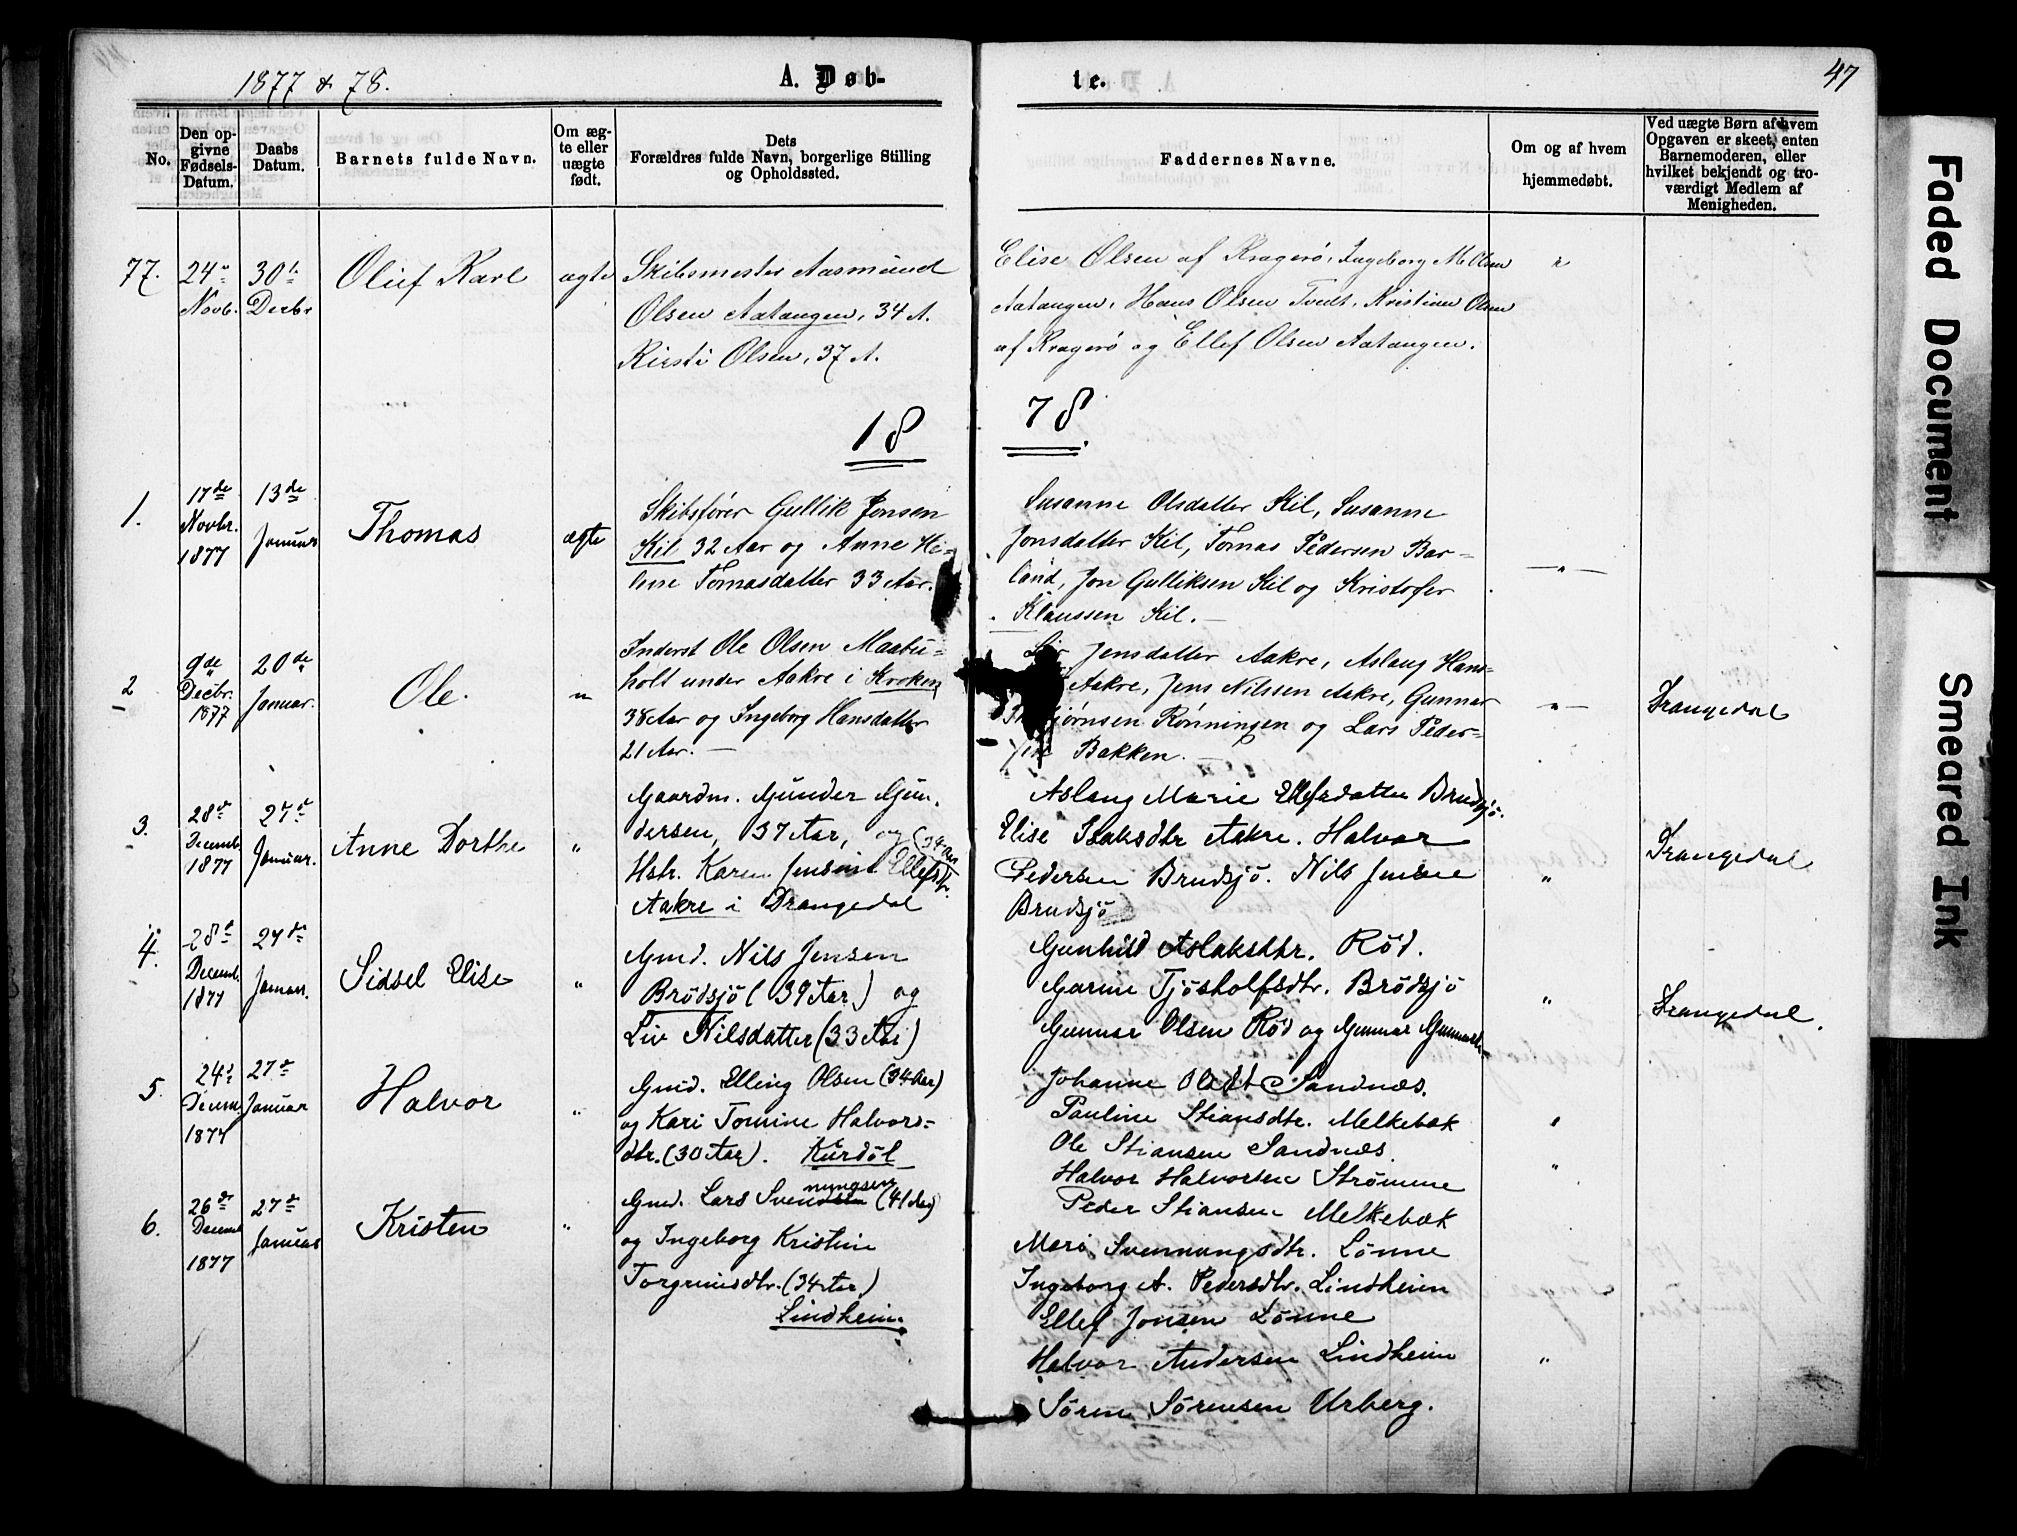 SAKO, Sannidal kirkebøker, F/Fa/L0014: Ministerialbok nr. 14, 1874-1883, s. 47